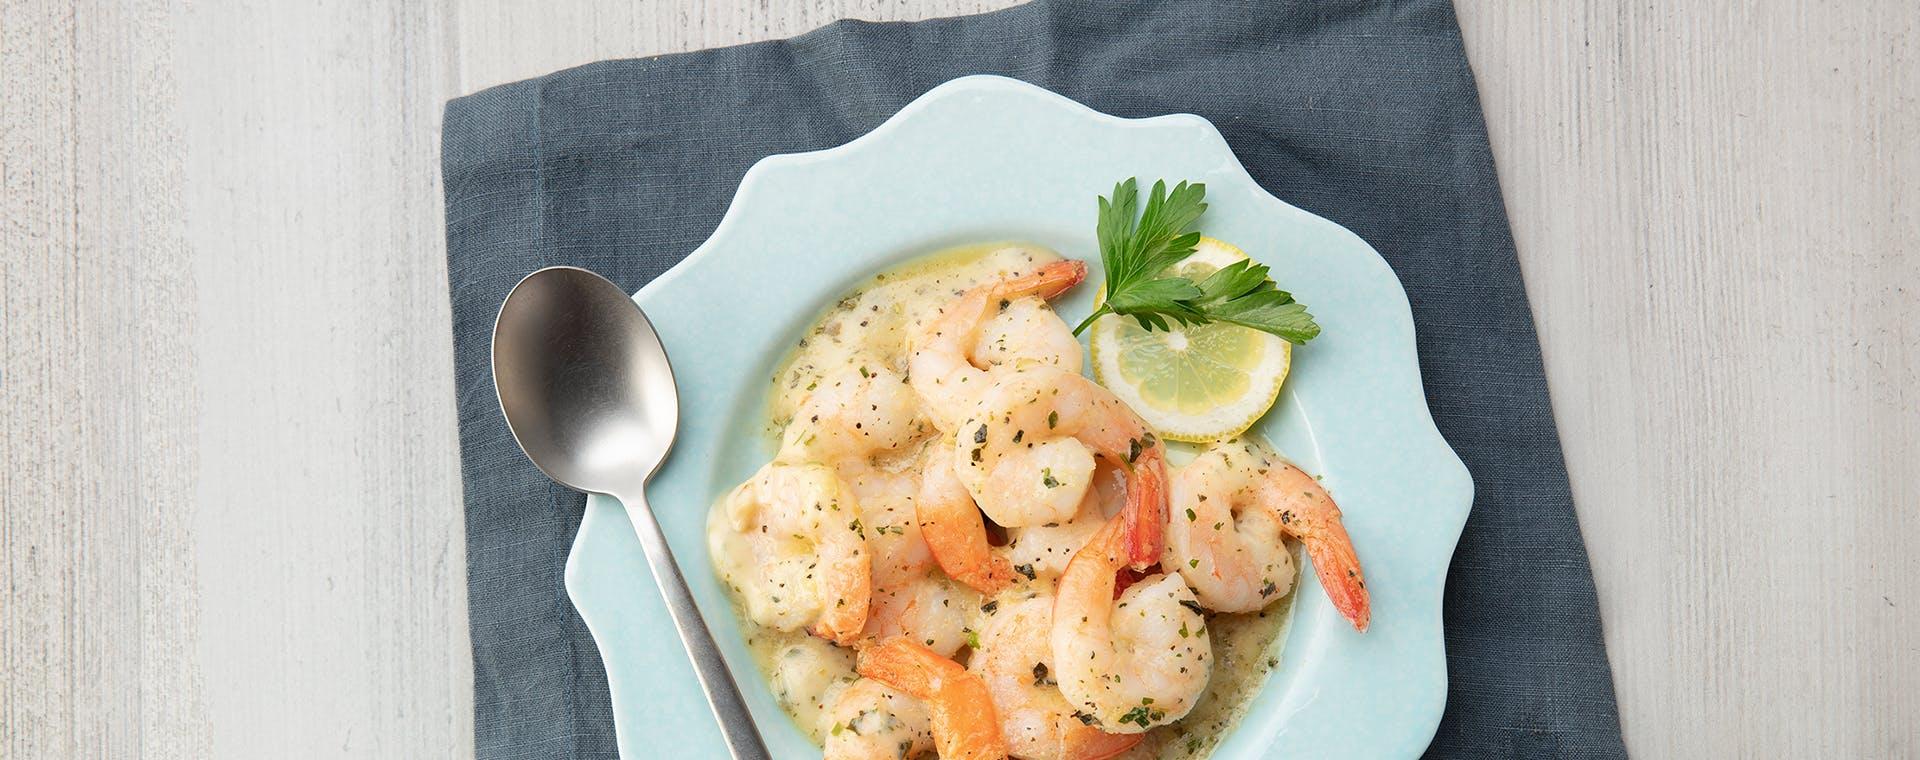 Shrimp Scampi with Lemon Garlic Herb Butter